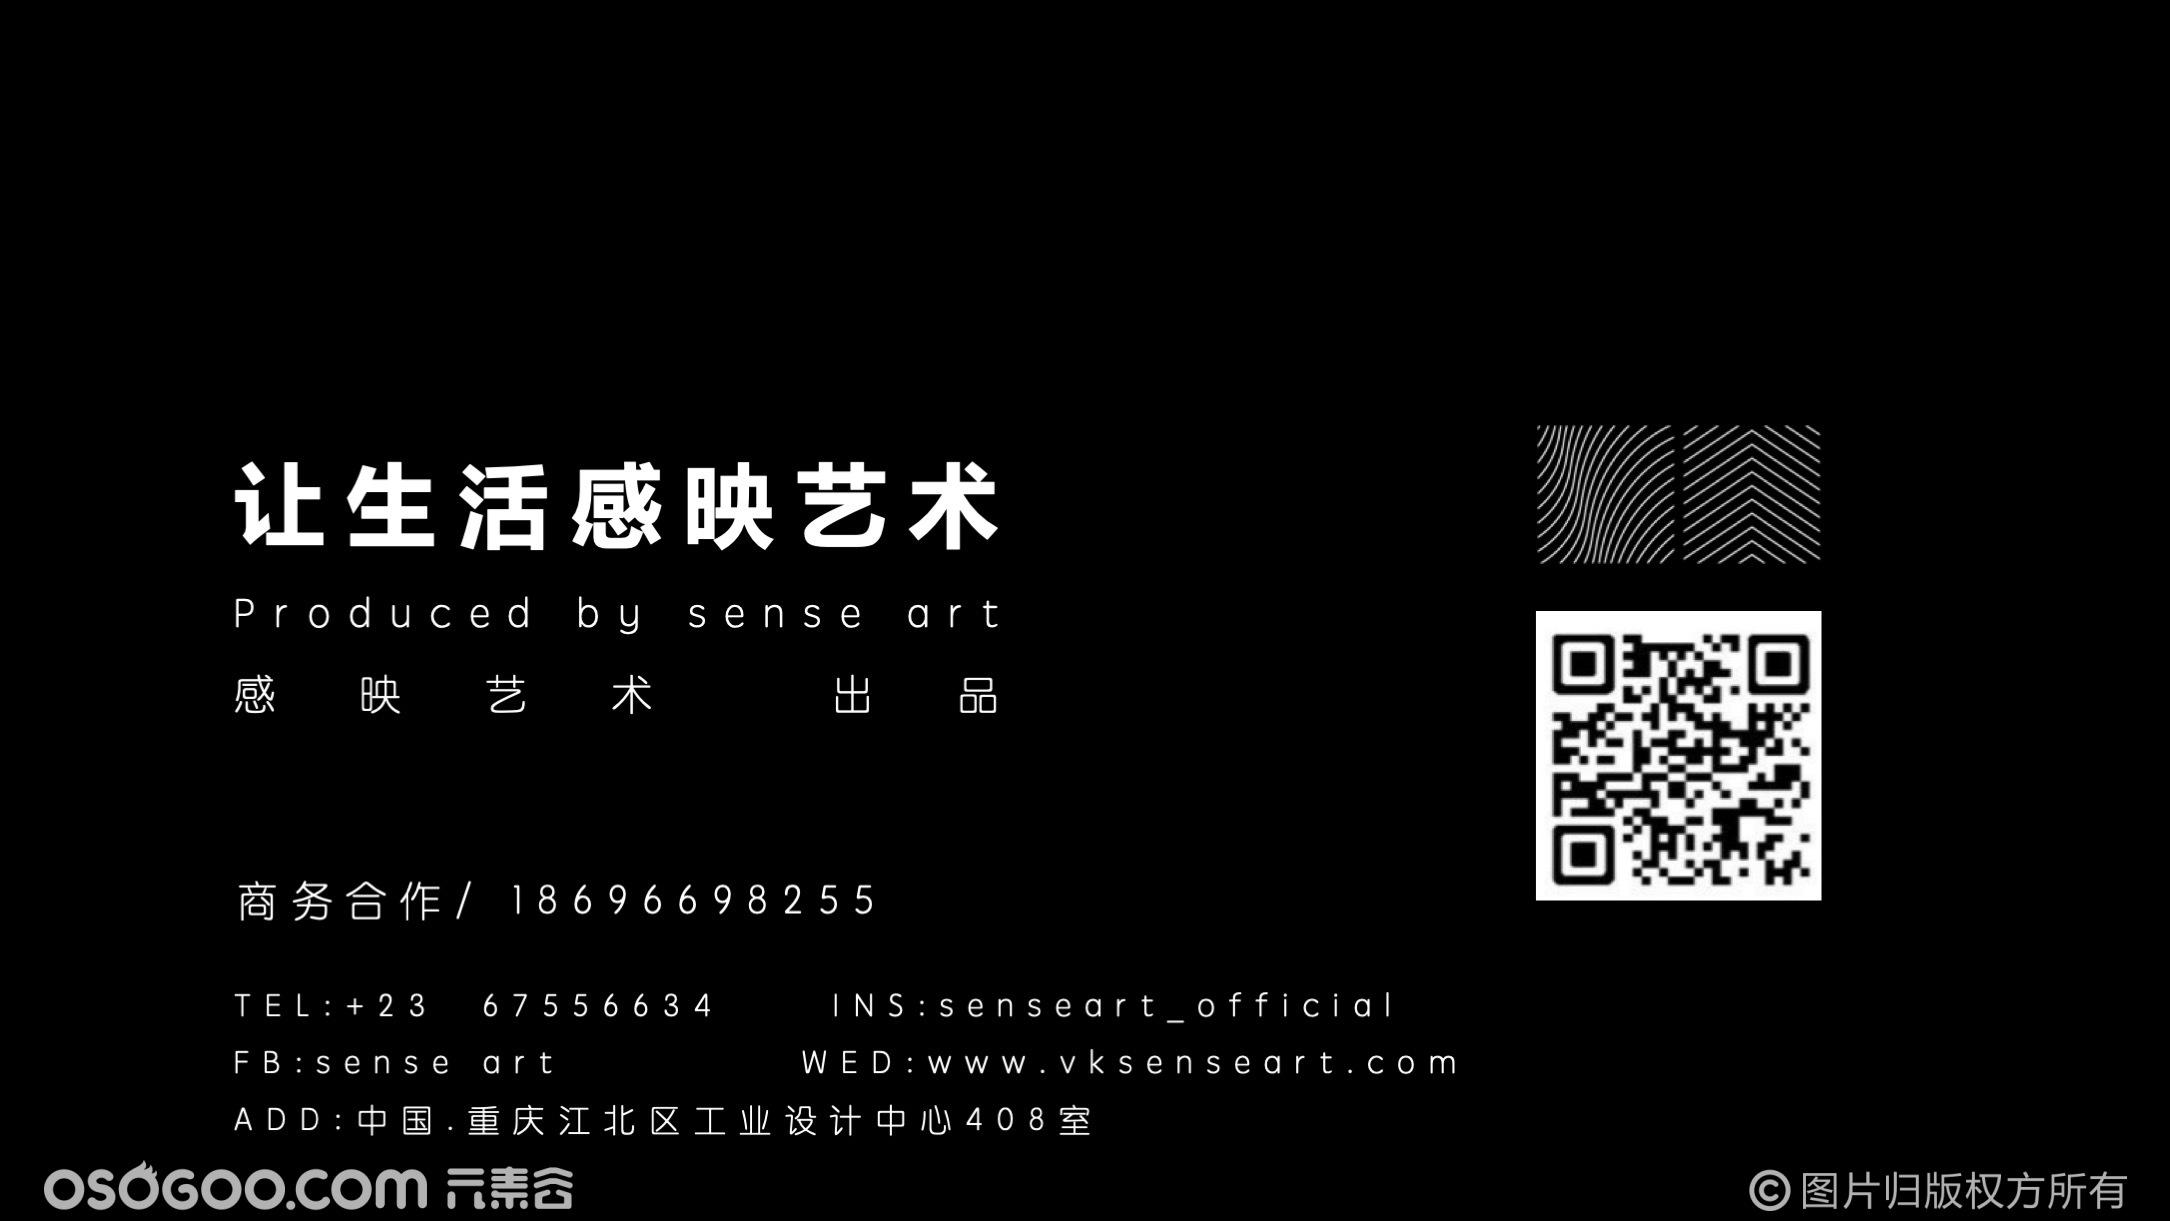 香奈儿小黑裙艺术时尚收藏展《觉醒之旅》——感映艺术出品